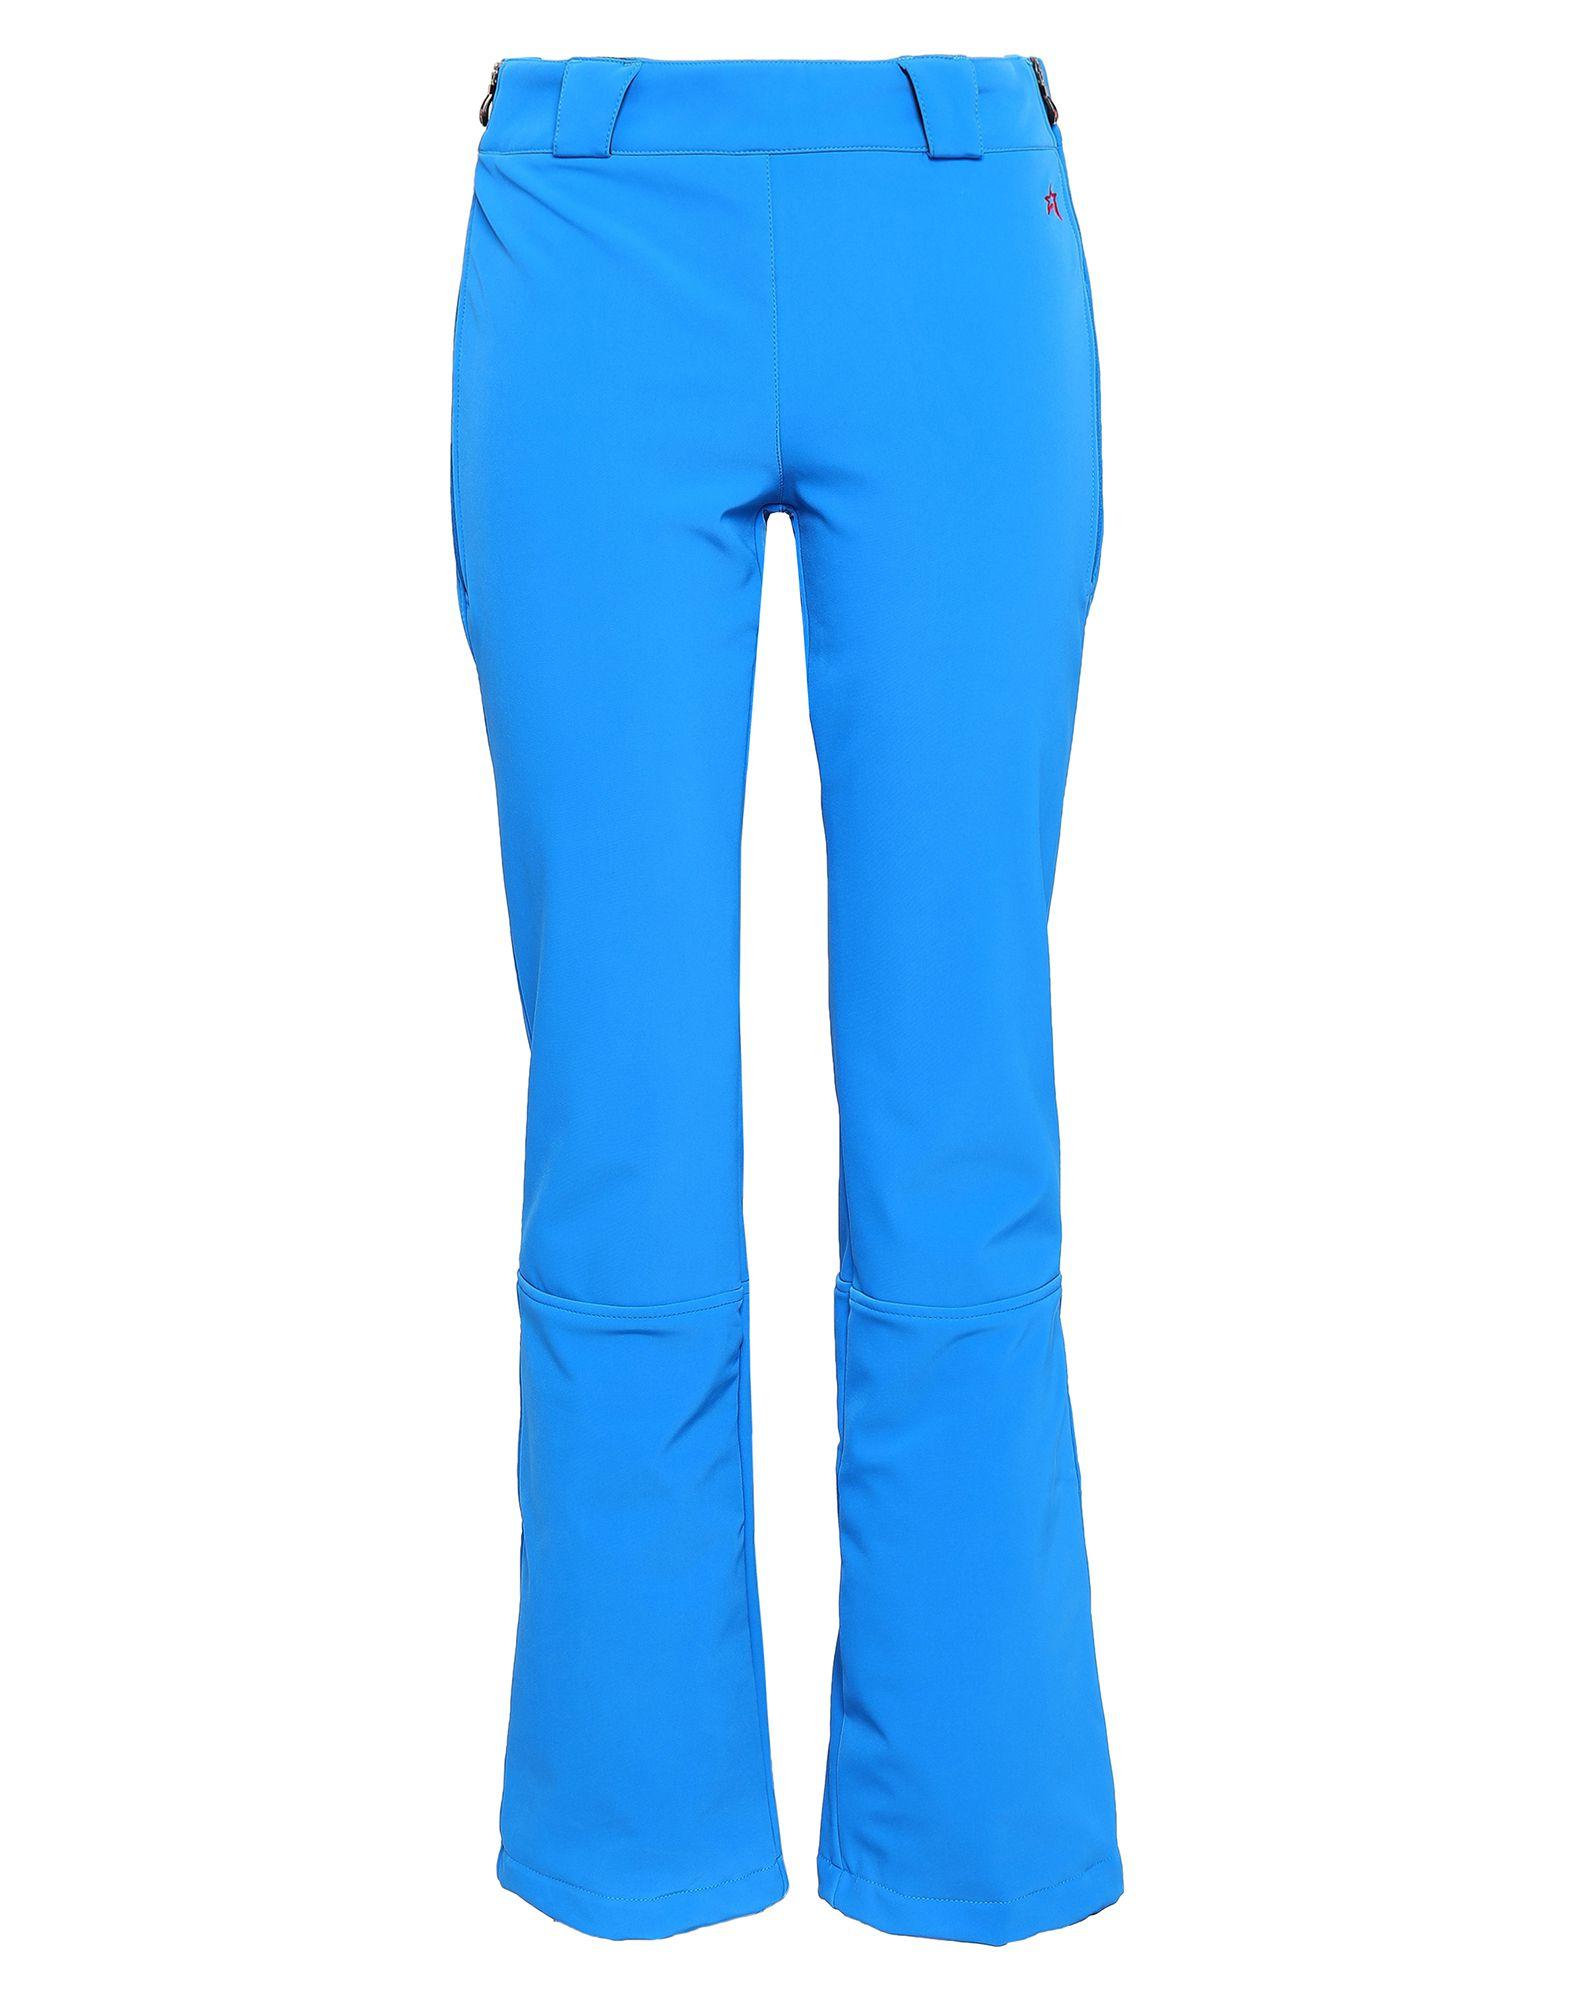 《セール開催中》PERFECT MOMENT レディース スキーパンツ ブルー M ナイロン 89% / ポリウレタン 11%